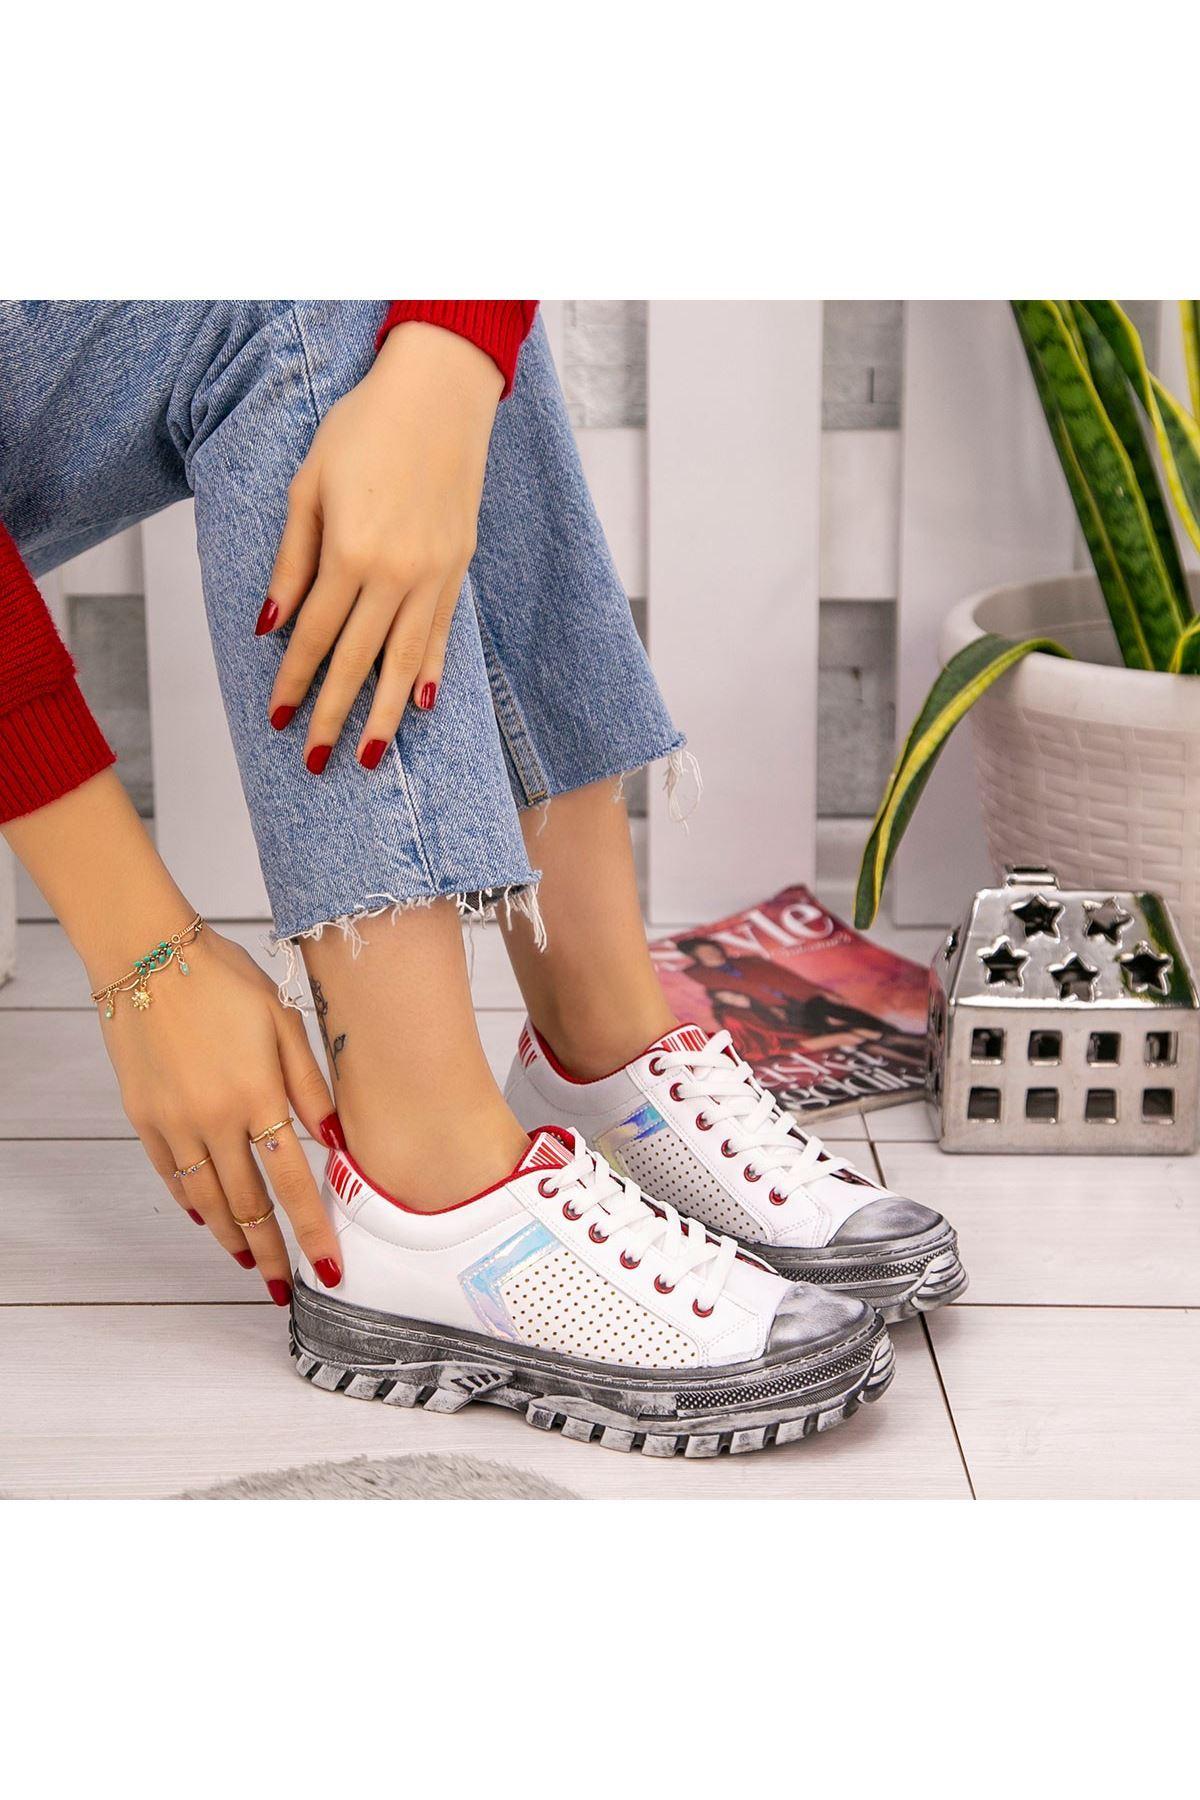 Mody Beyaz Cilt Kırmızı Detaylı Spor Ayakkabı